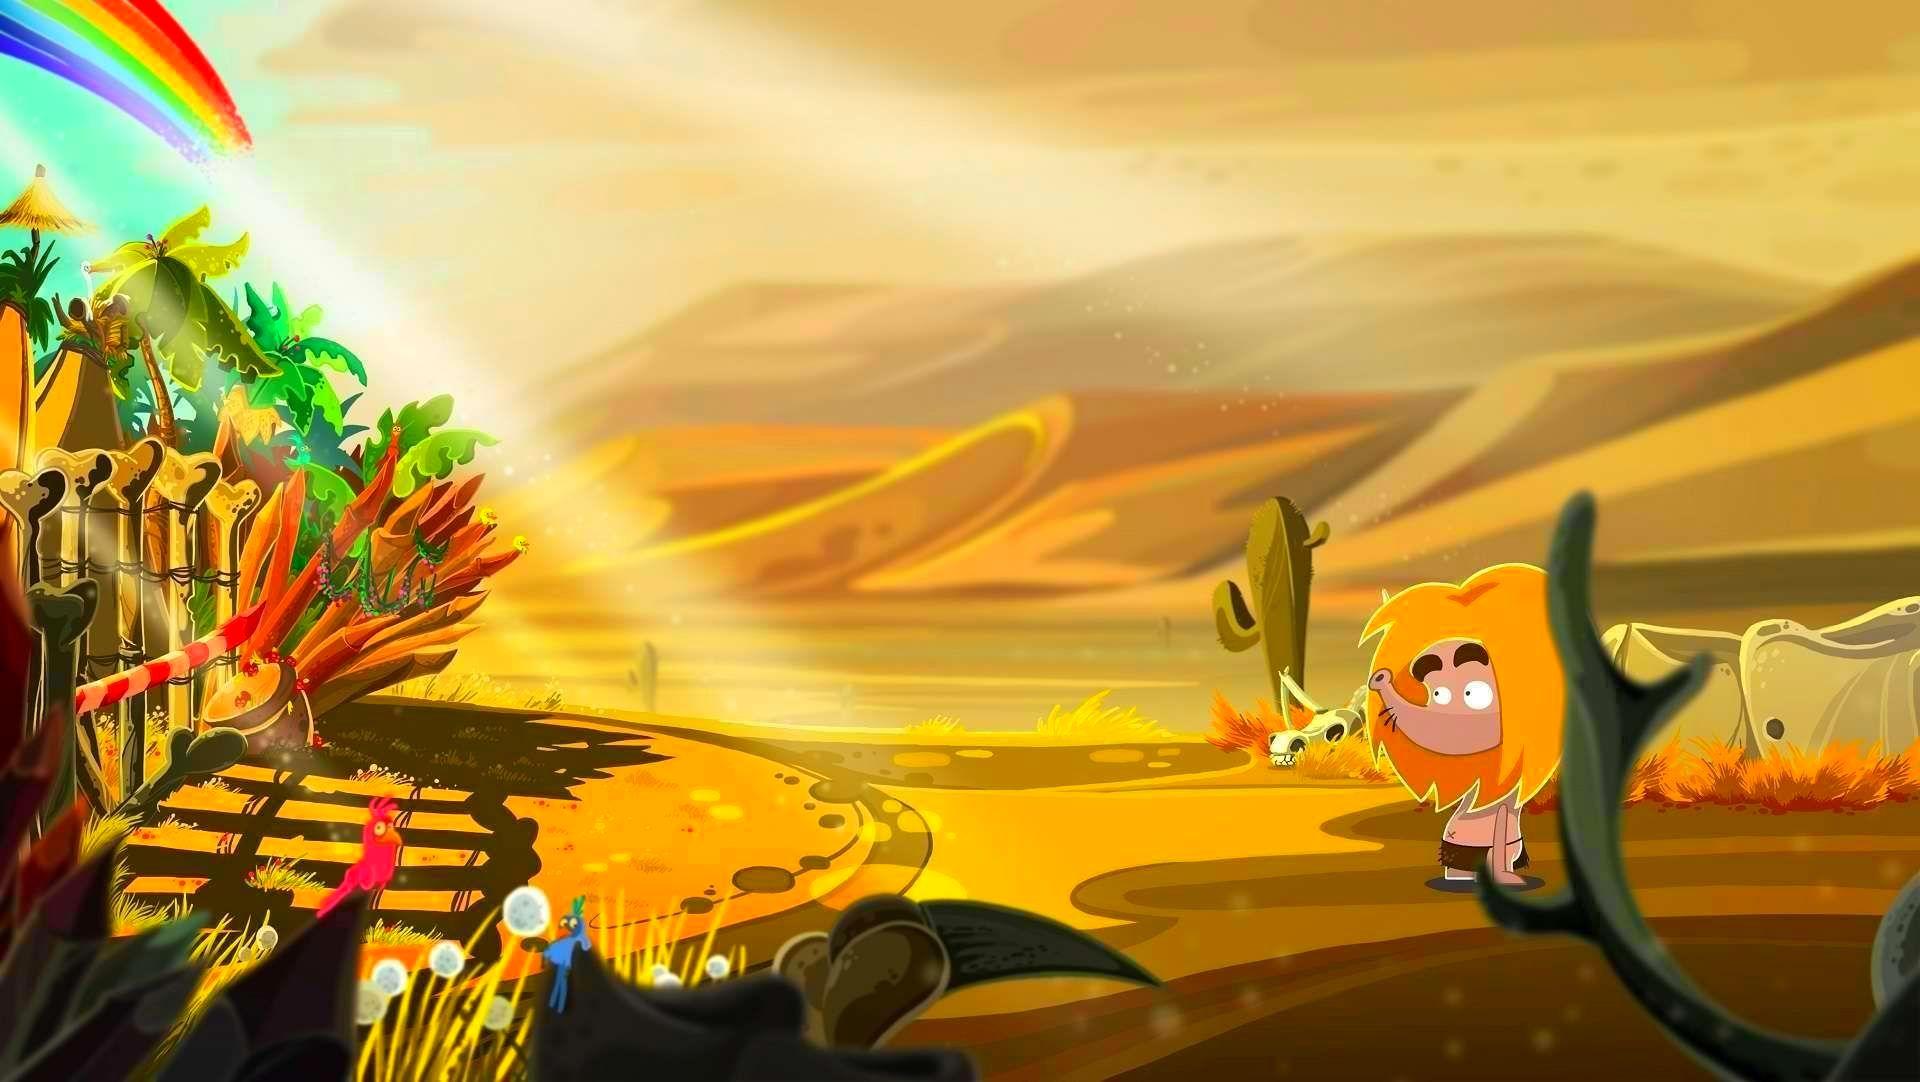 Screenshot from FIRE (1/6)